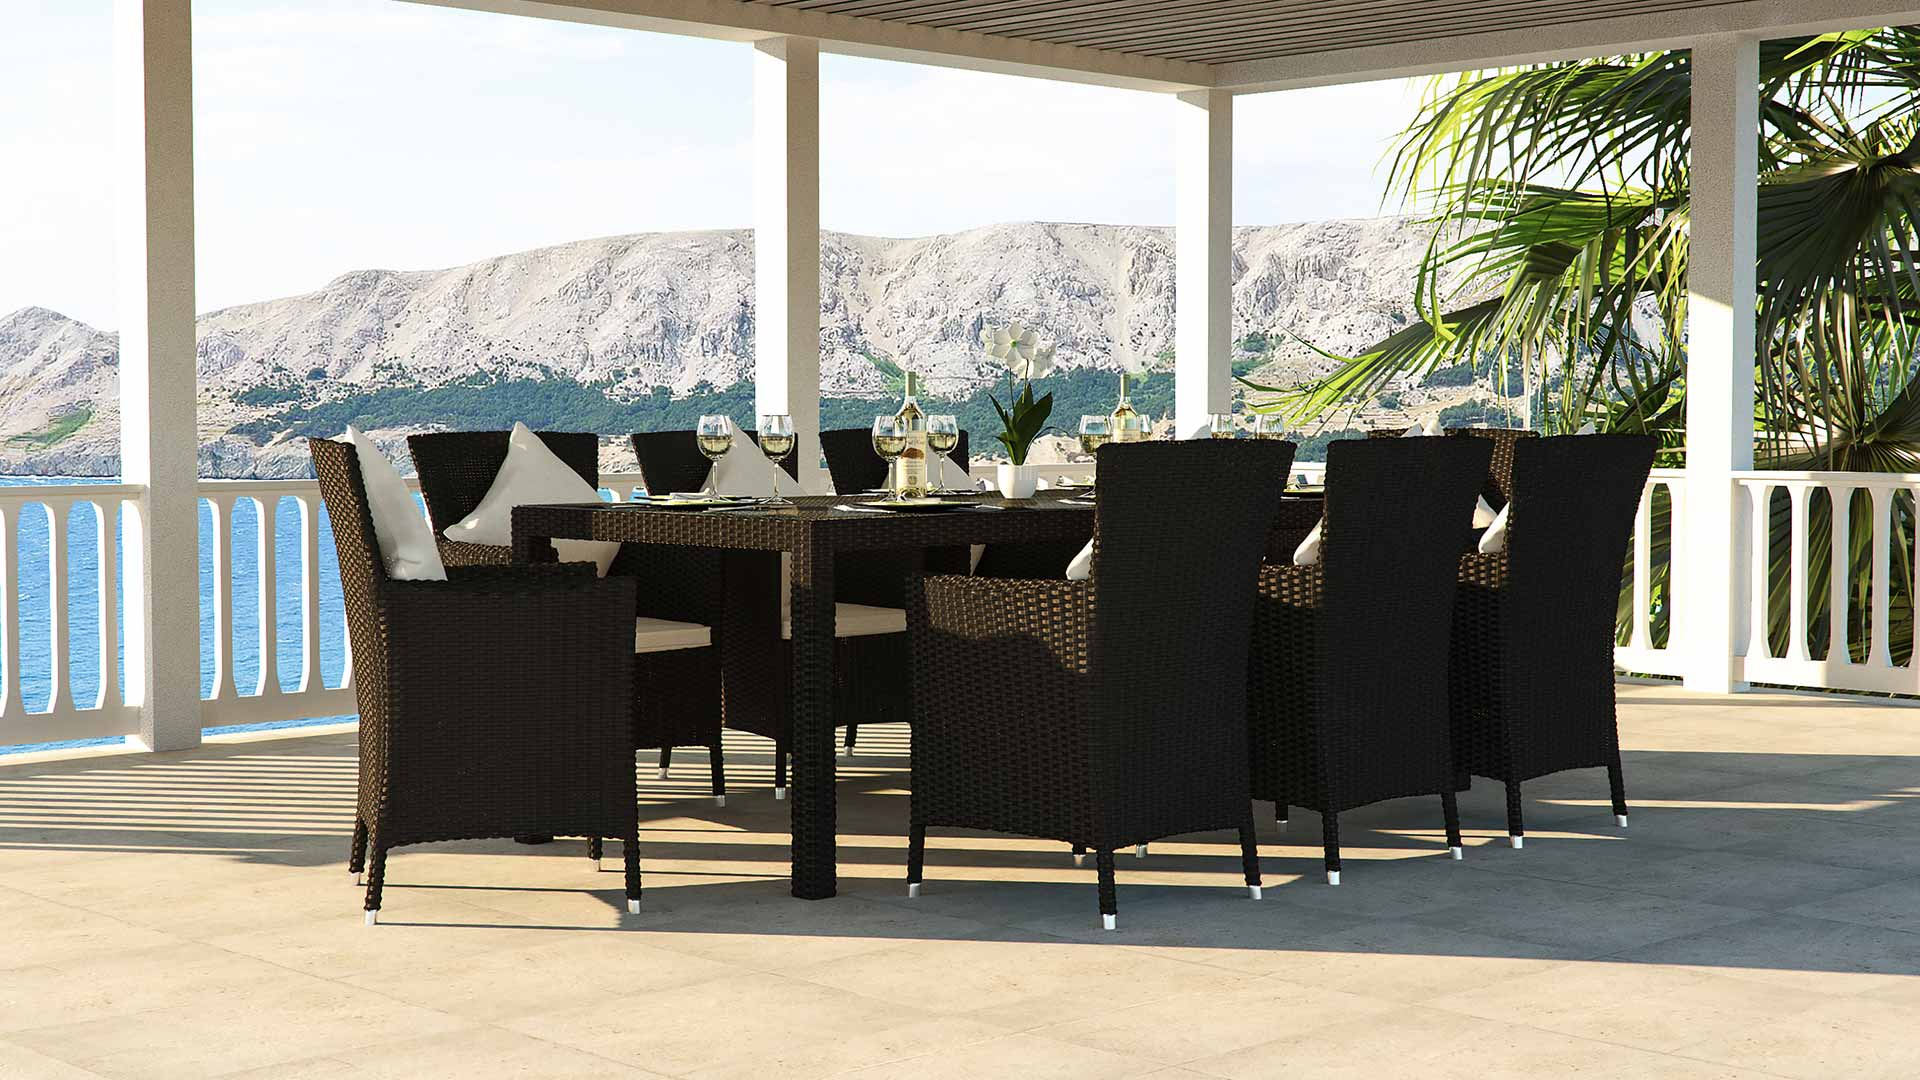 Gartenmöbel Set 8 Personen artelia terrassen esstisch set für 8 personen aus polyrattan